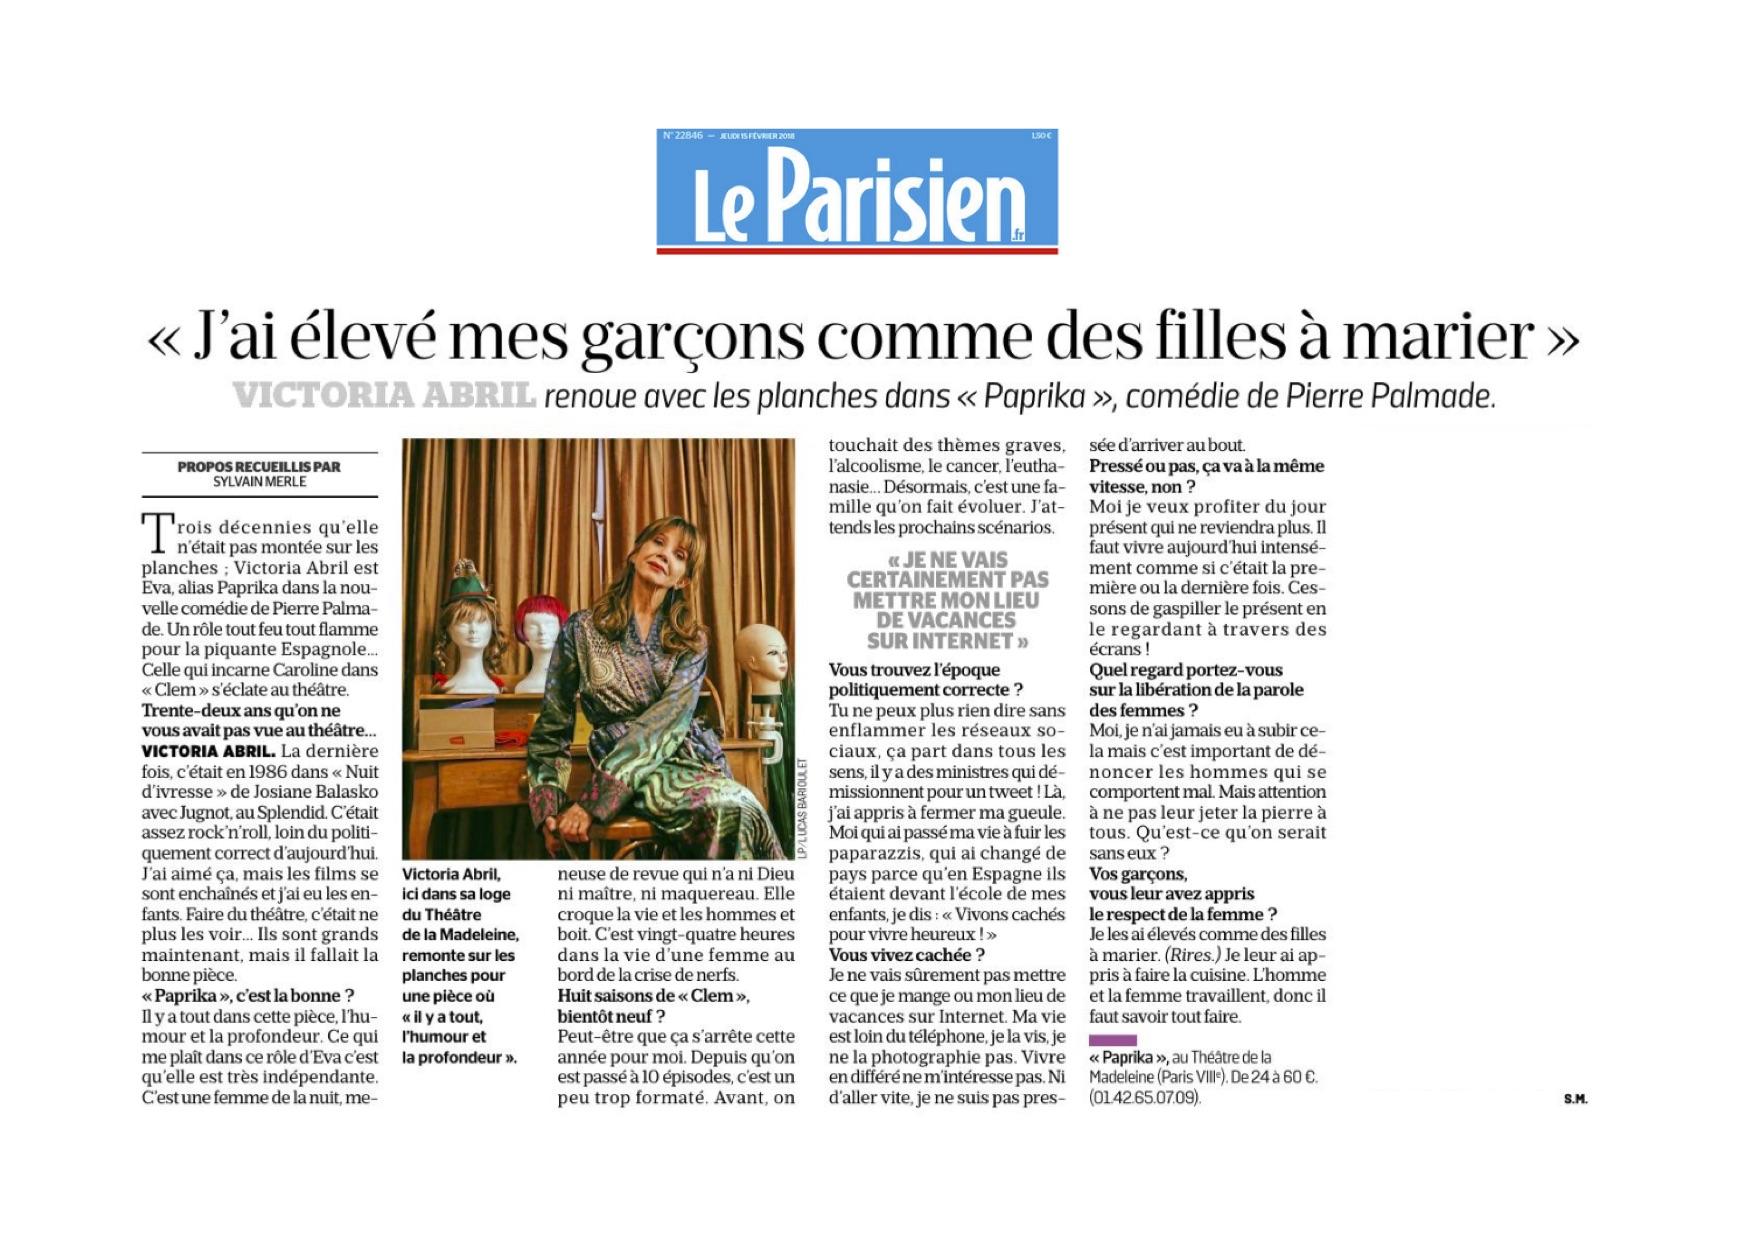 Le Parisien 15.02.18